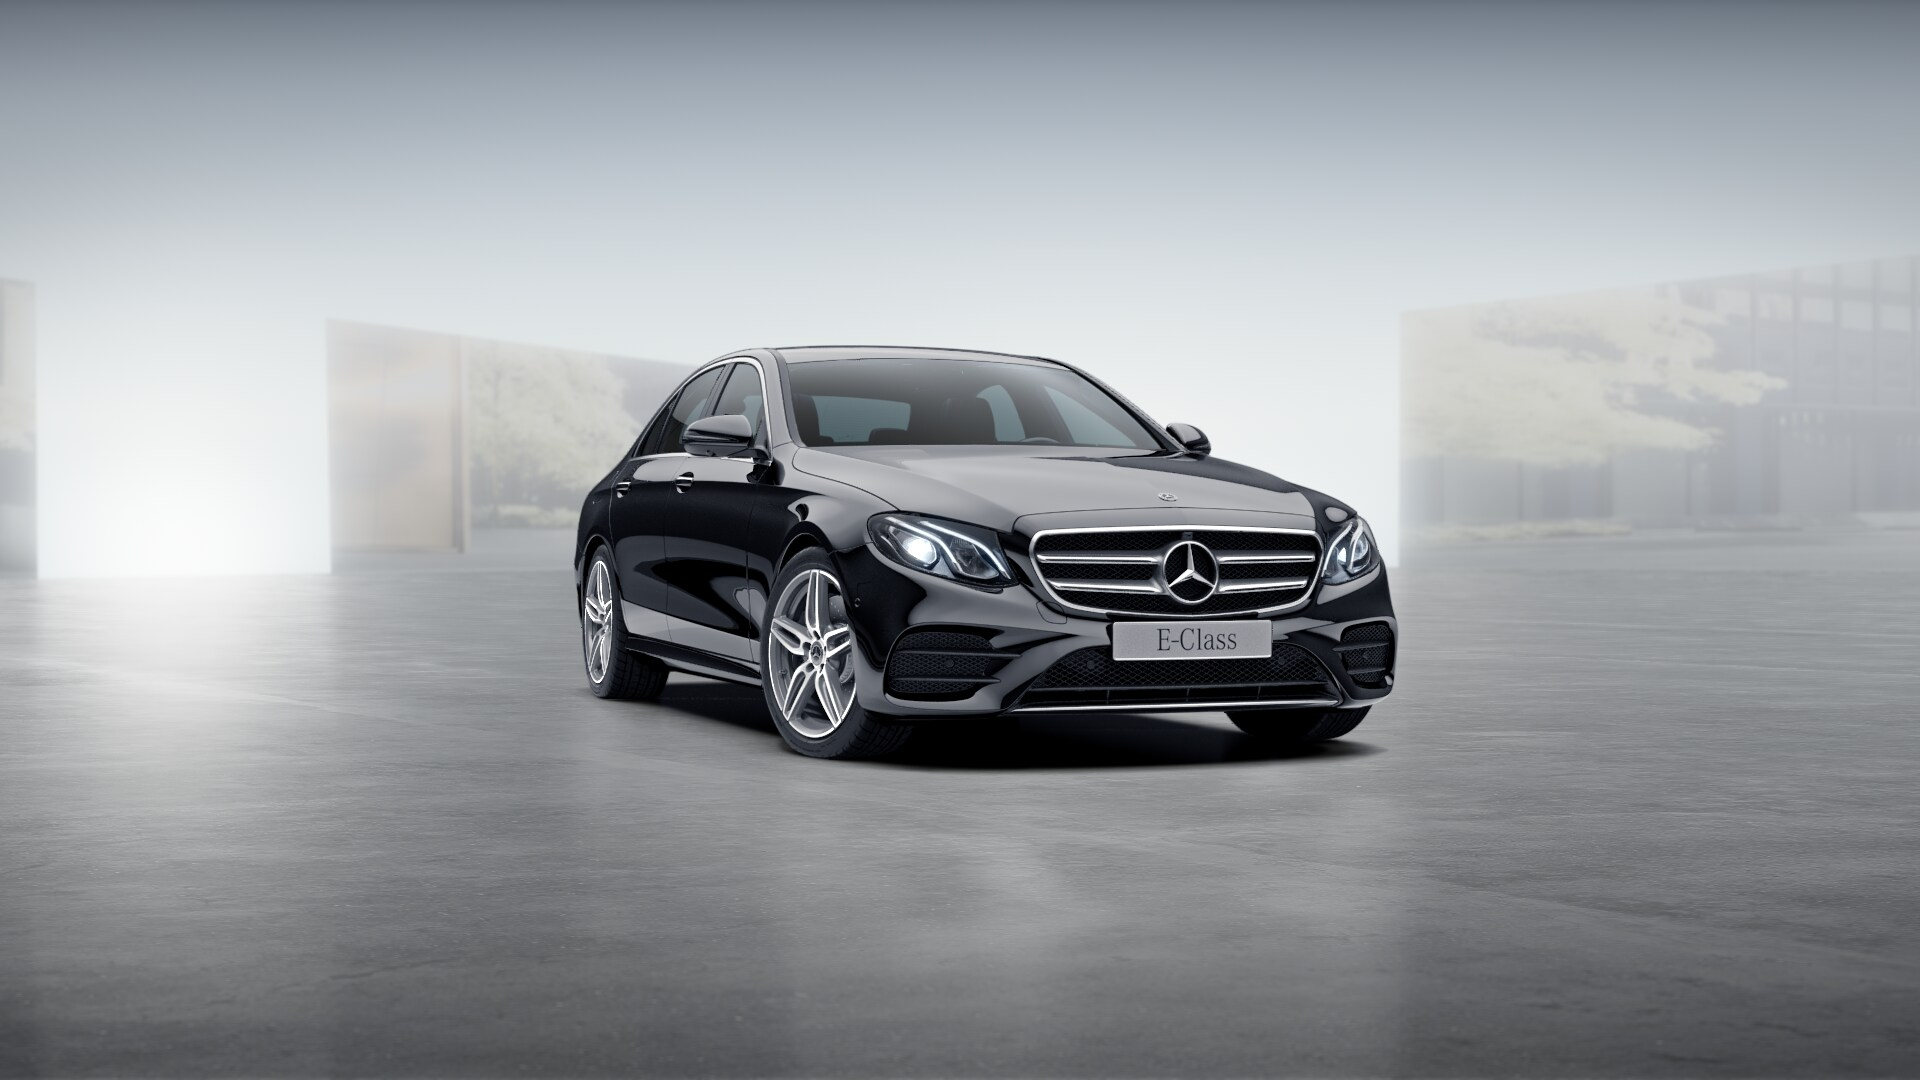 Ավանգարդ Մոթորս. հատուկ առաջարկ՝ Mercedes-Benz E 300 ձեռքբերման համար